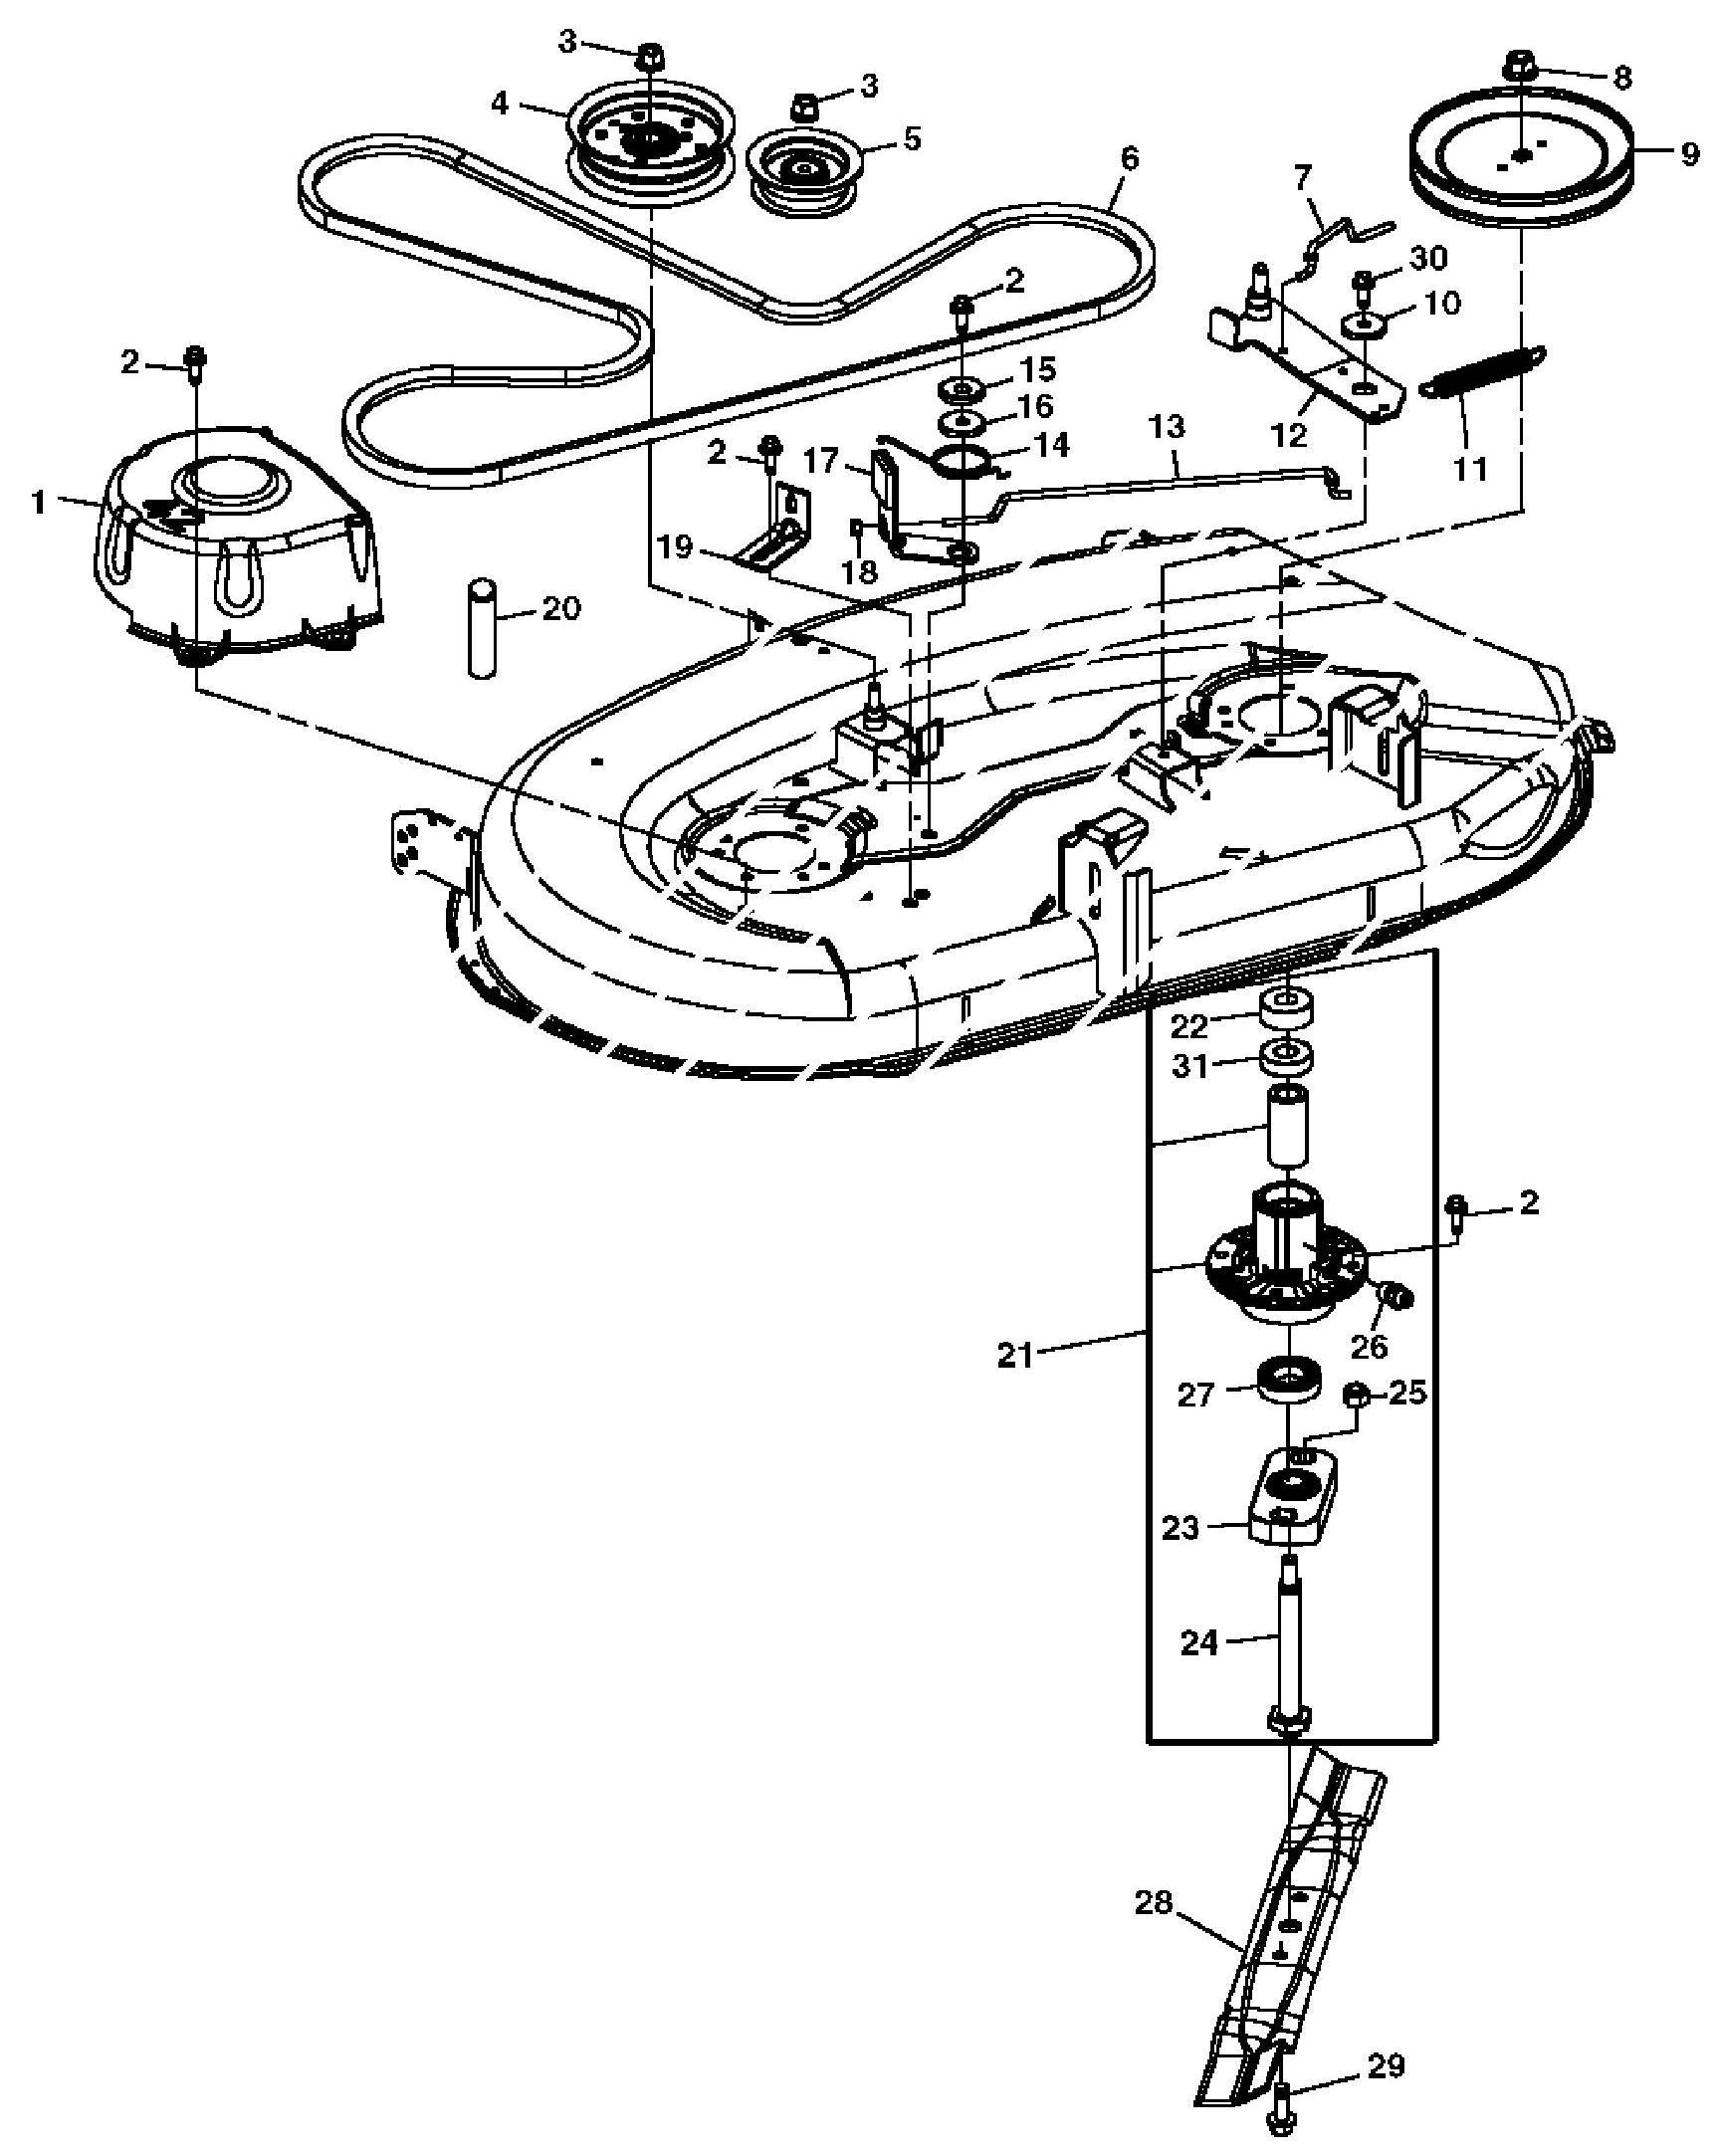 John Deere Lt155 Wiring Diagram, John, Free Engine Image .